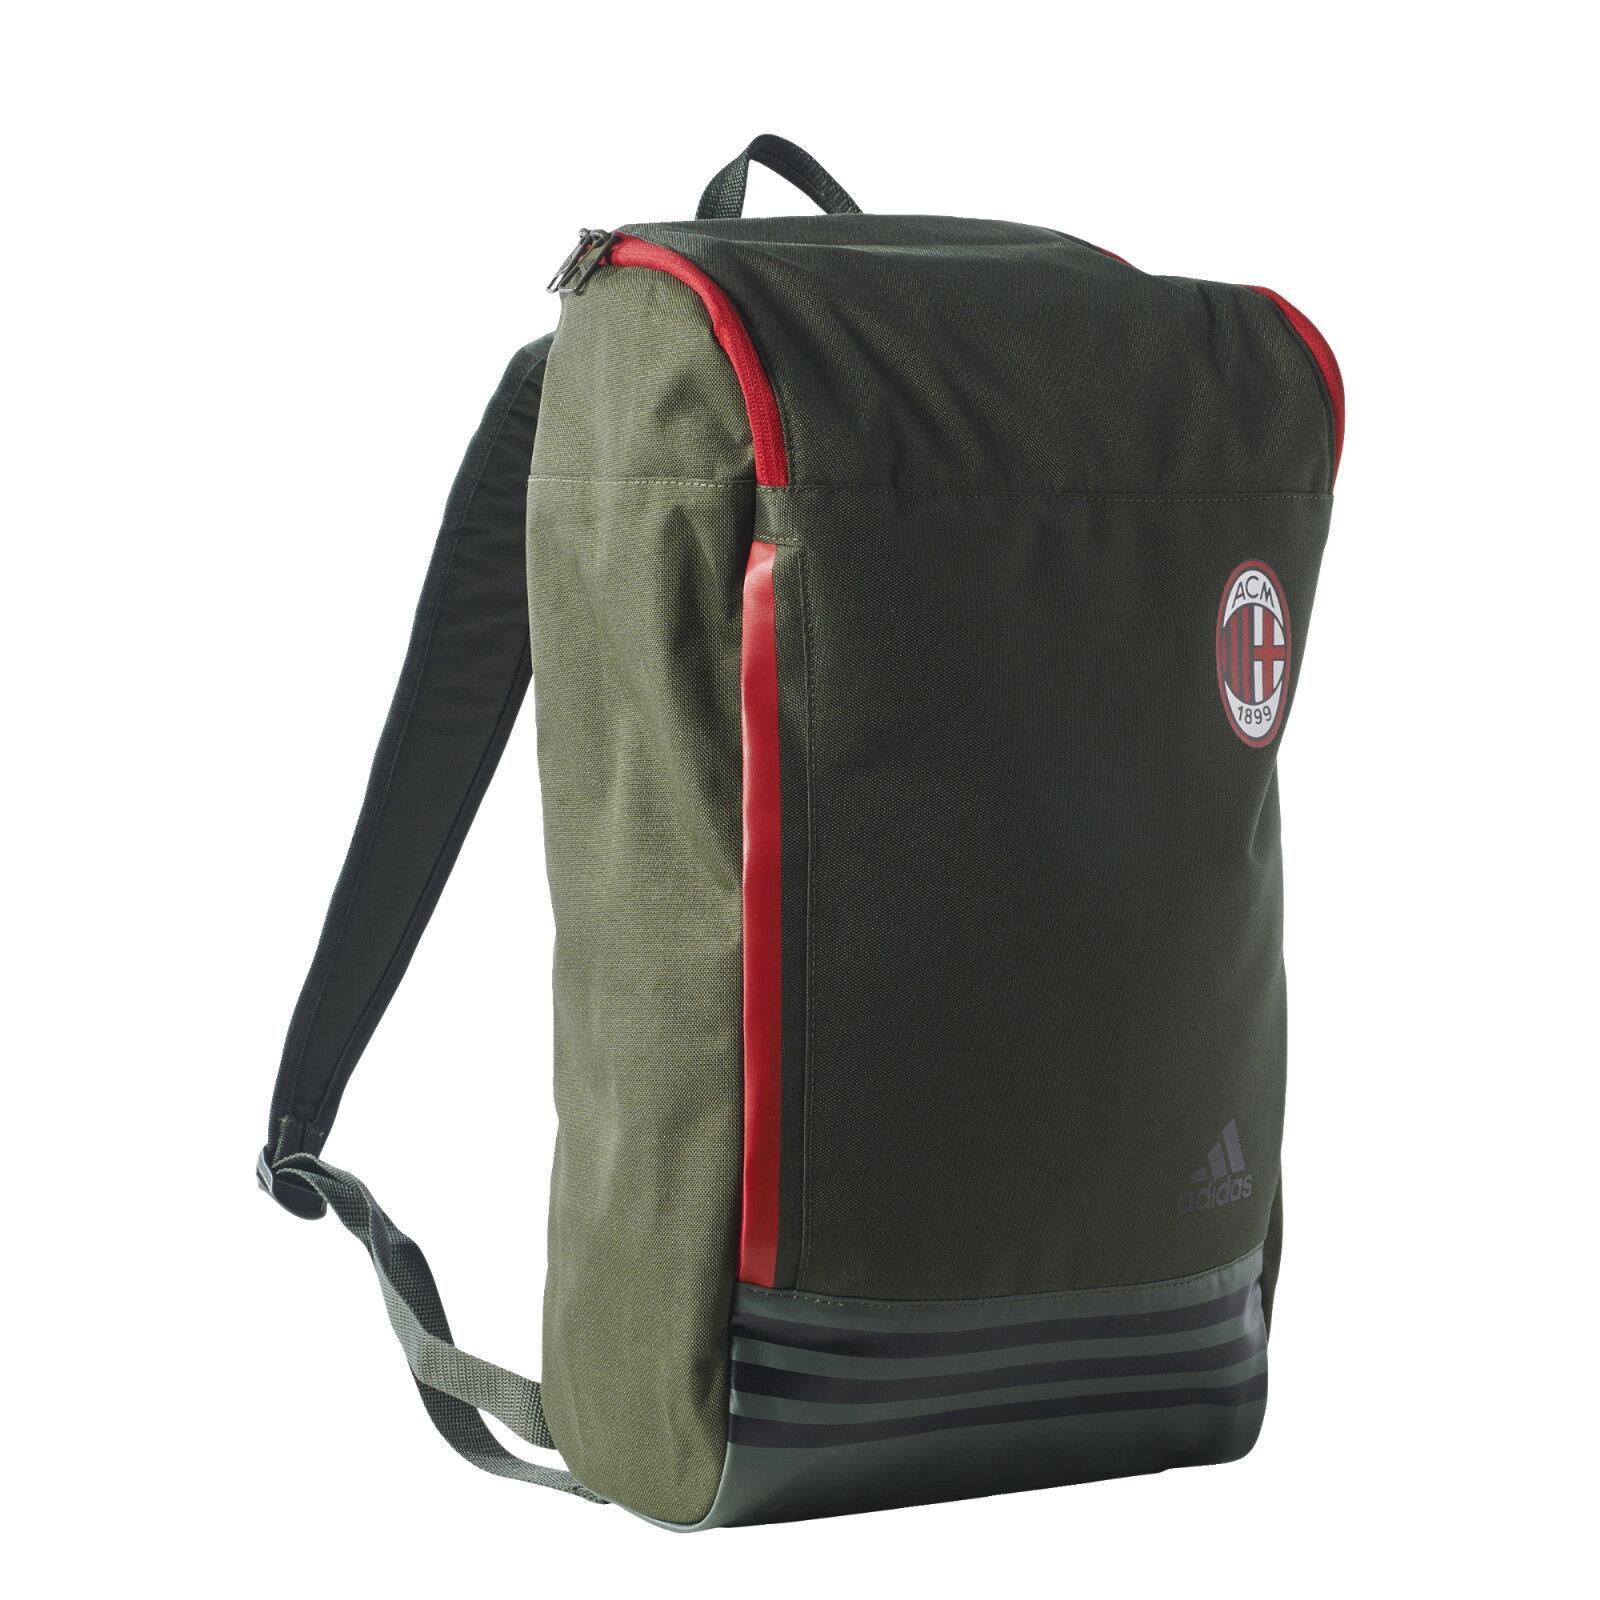 FW16 ADIDAS MILAN ACM ZAINO ZAINETTO SCUOLA BAG BAG BAG BORSA FONDO SCHOOL S95169  perfecto